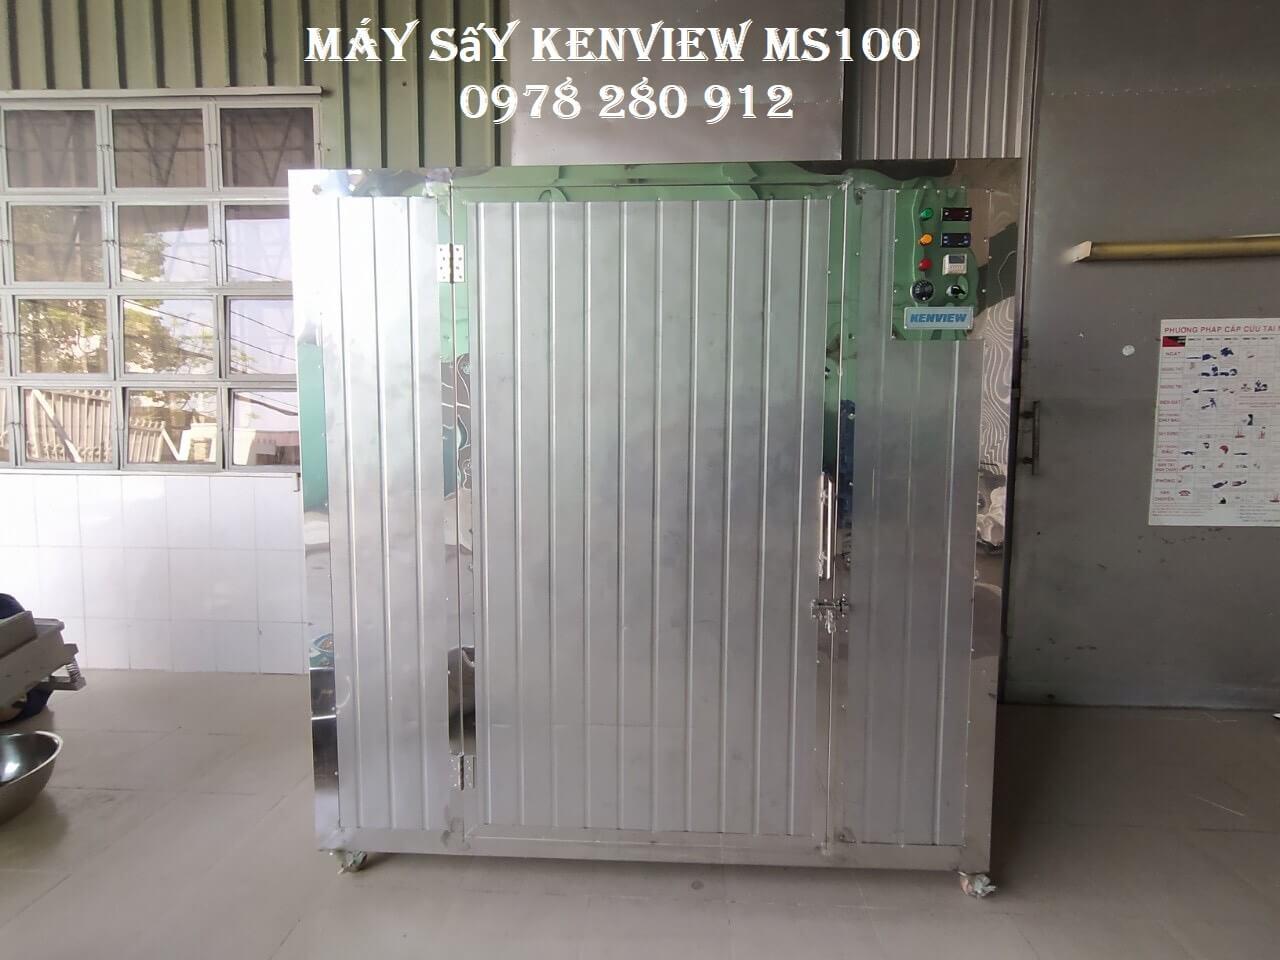 Máy sấy hạt điều Kenview tại Bình Thuận. Sấy nhanh, khô đồng đều.